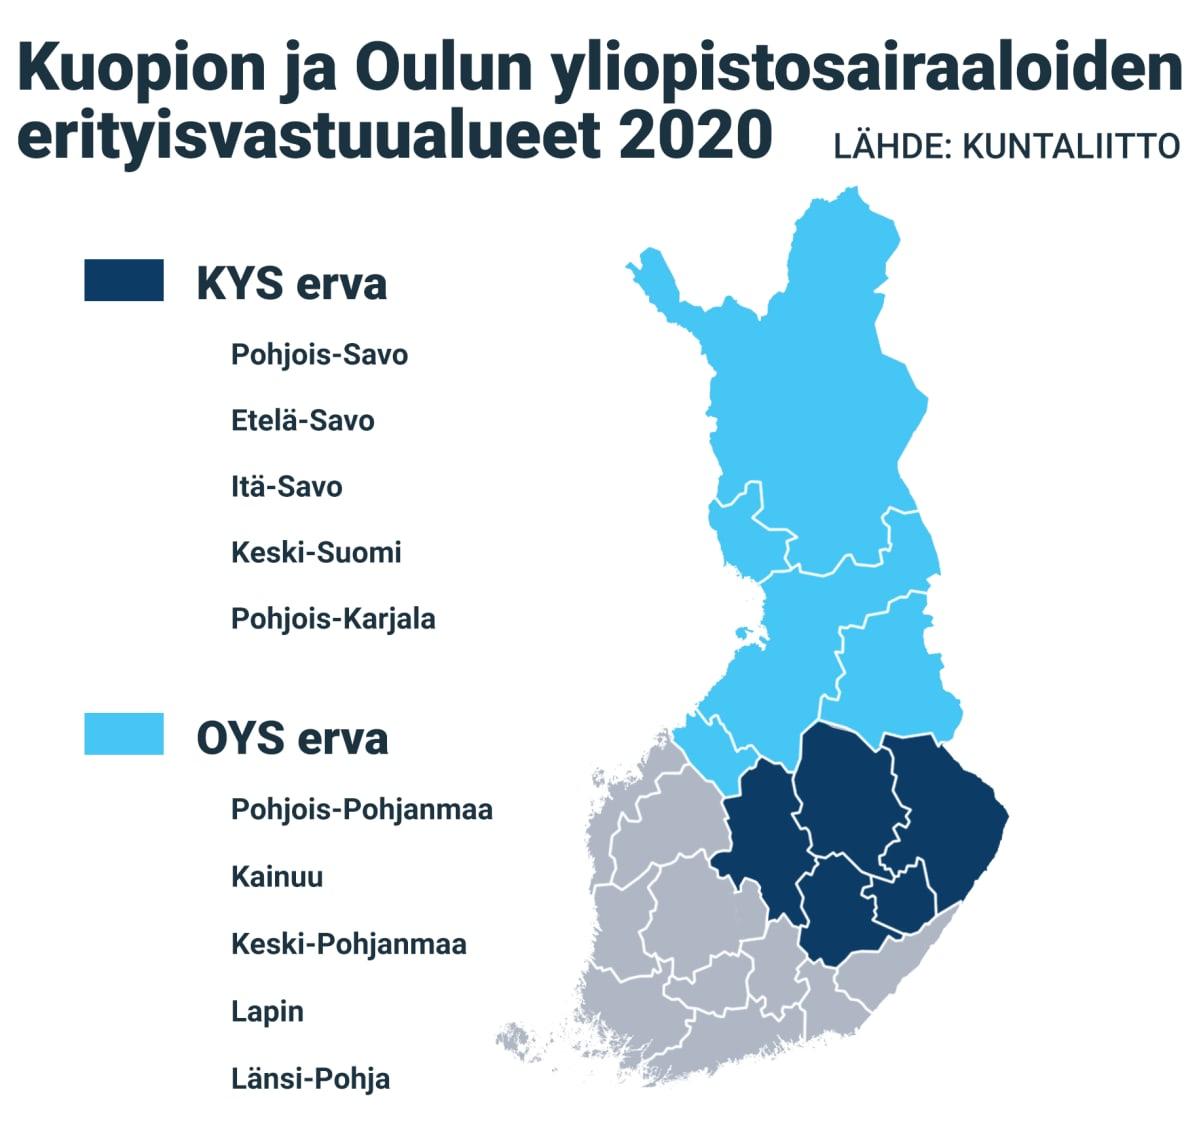 Kuopion ja Oulun yliopistosairaalaoiden erityisvastuualueet